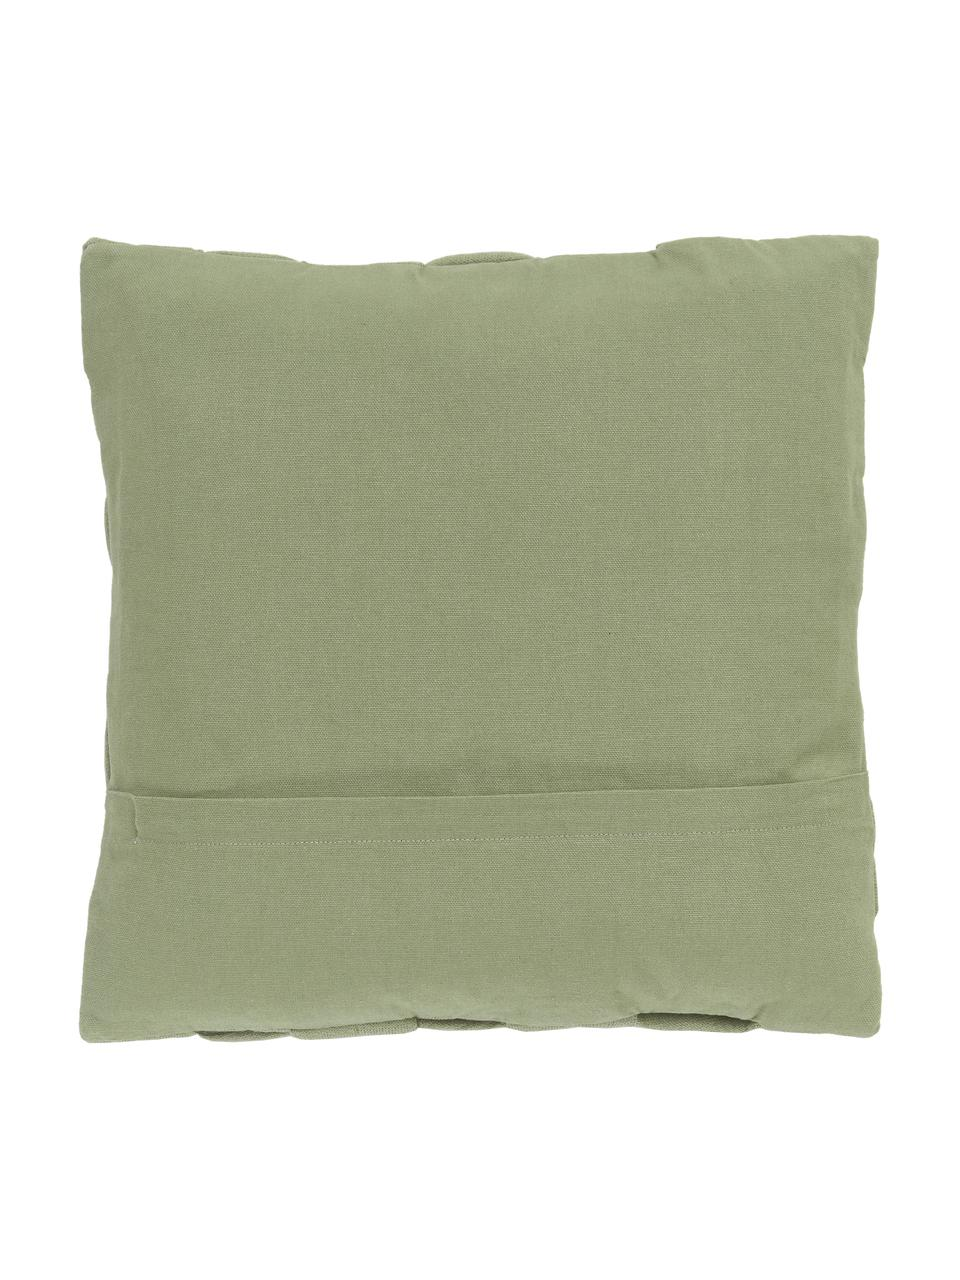 Housse de coussin 40x40 vert sauge Norman, Vert